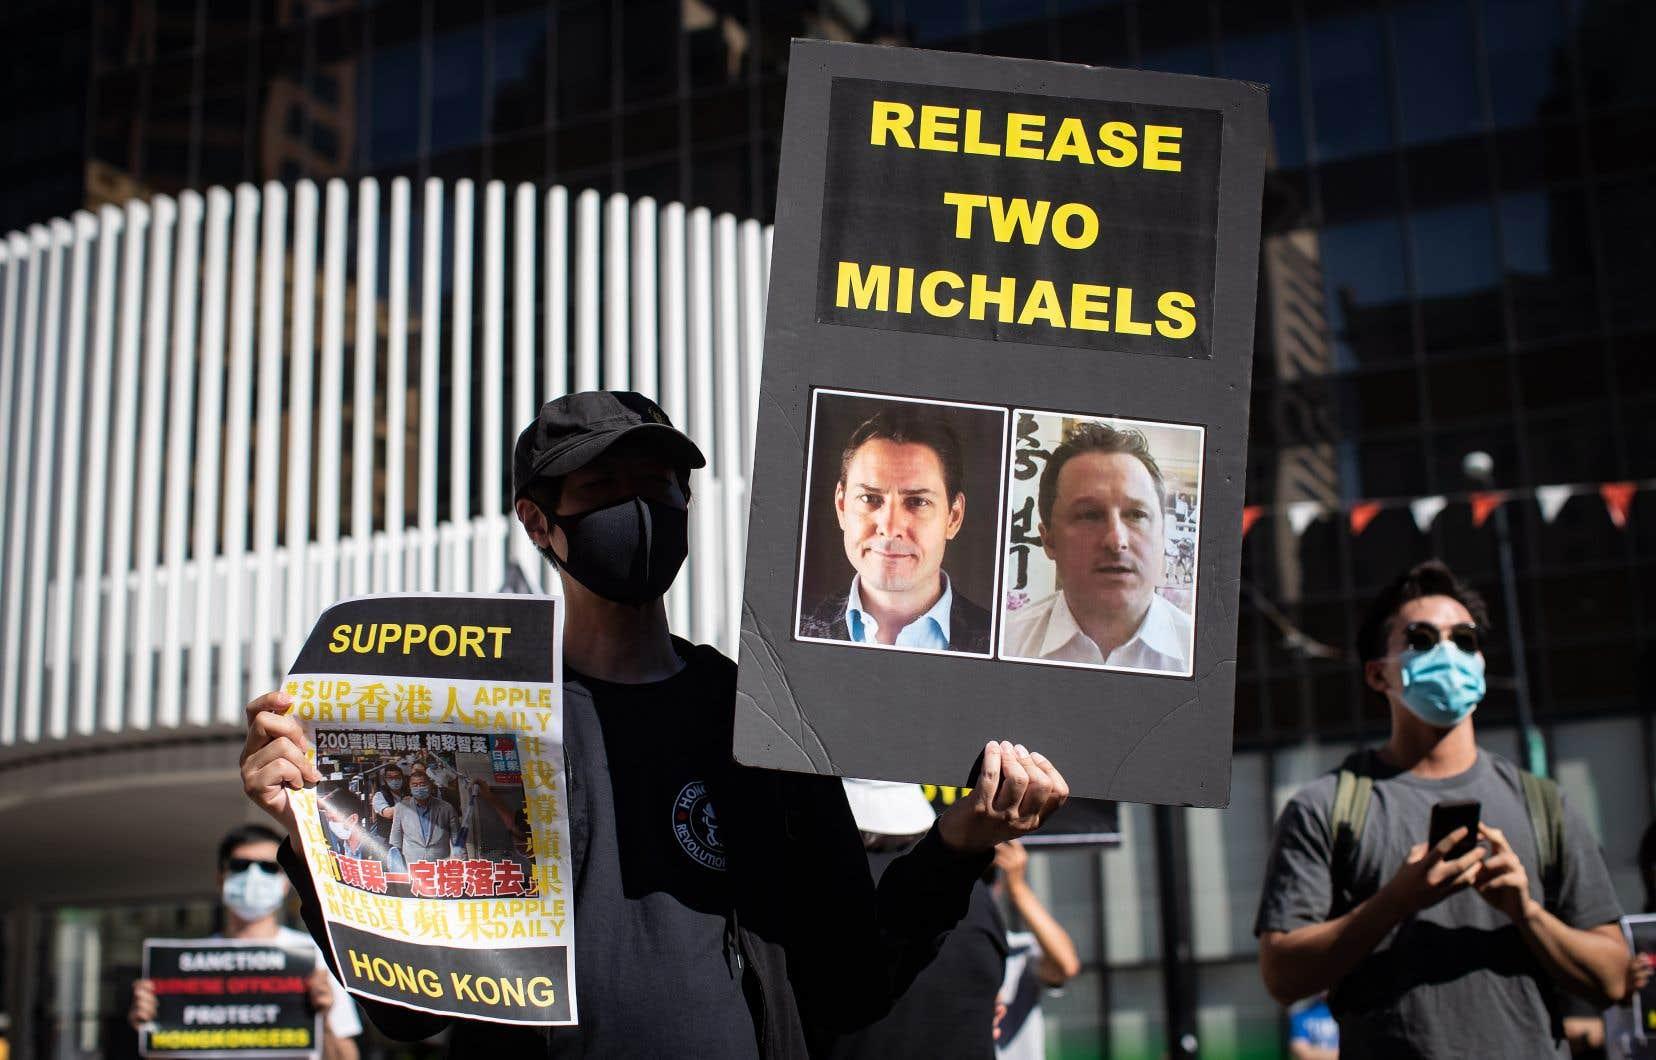 Cette déclarationest le fruit de la campagne menée par Ottawa pour recueillir le soutien de la communauté internationale afin d'obtenir la libération des Canadiens Michael Kovrig et Michael Spavor.